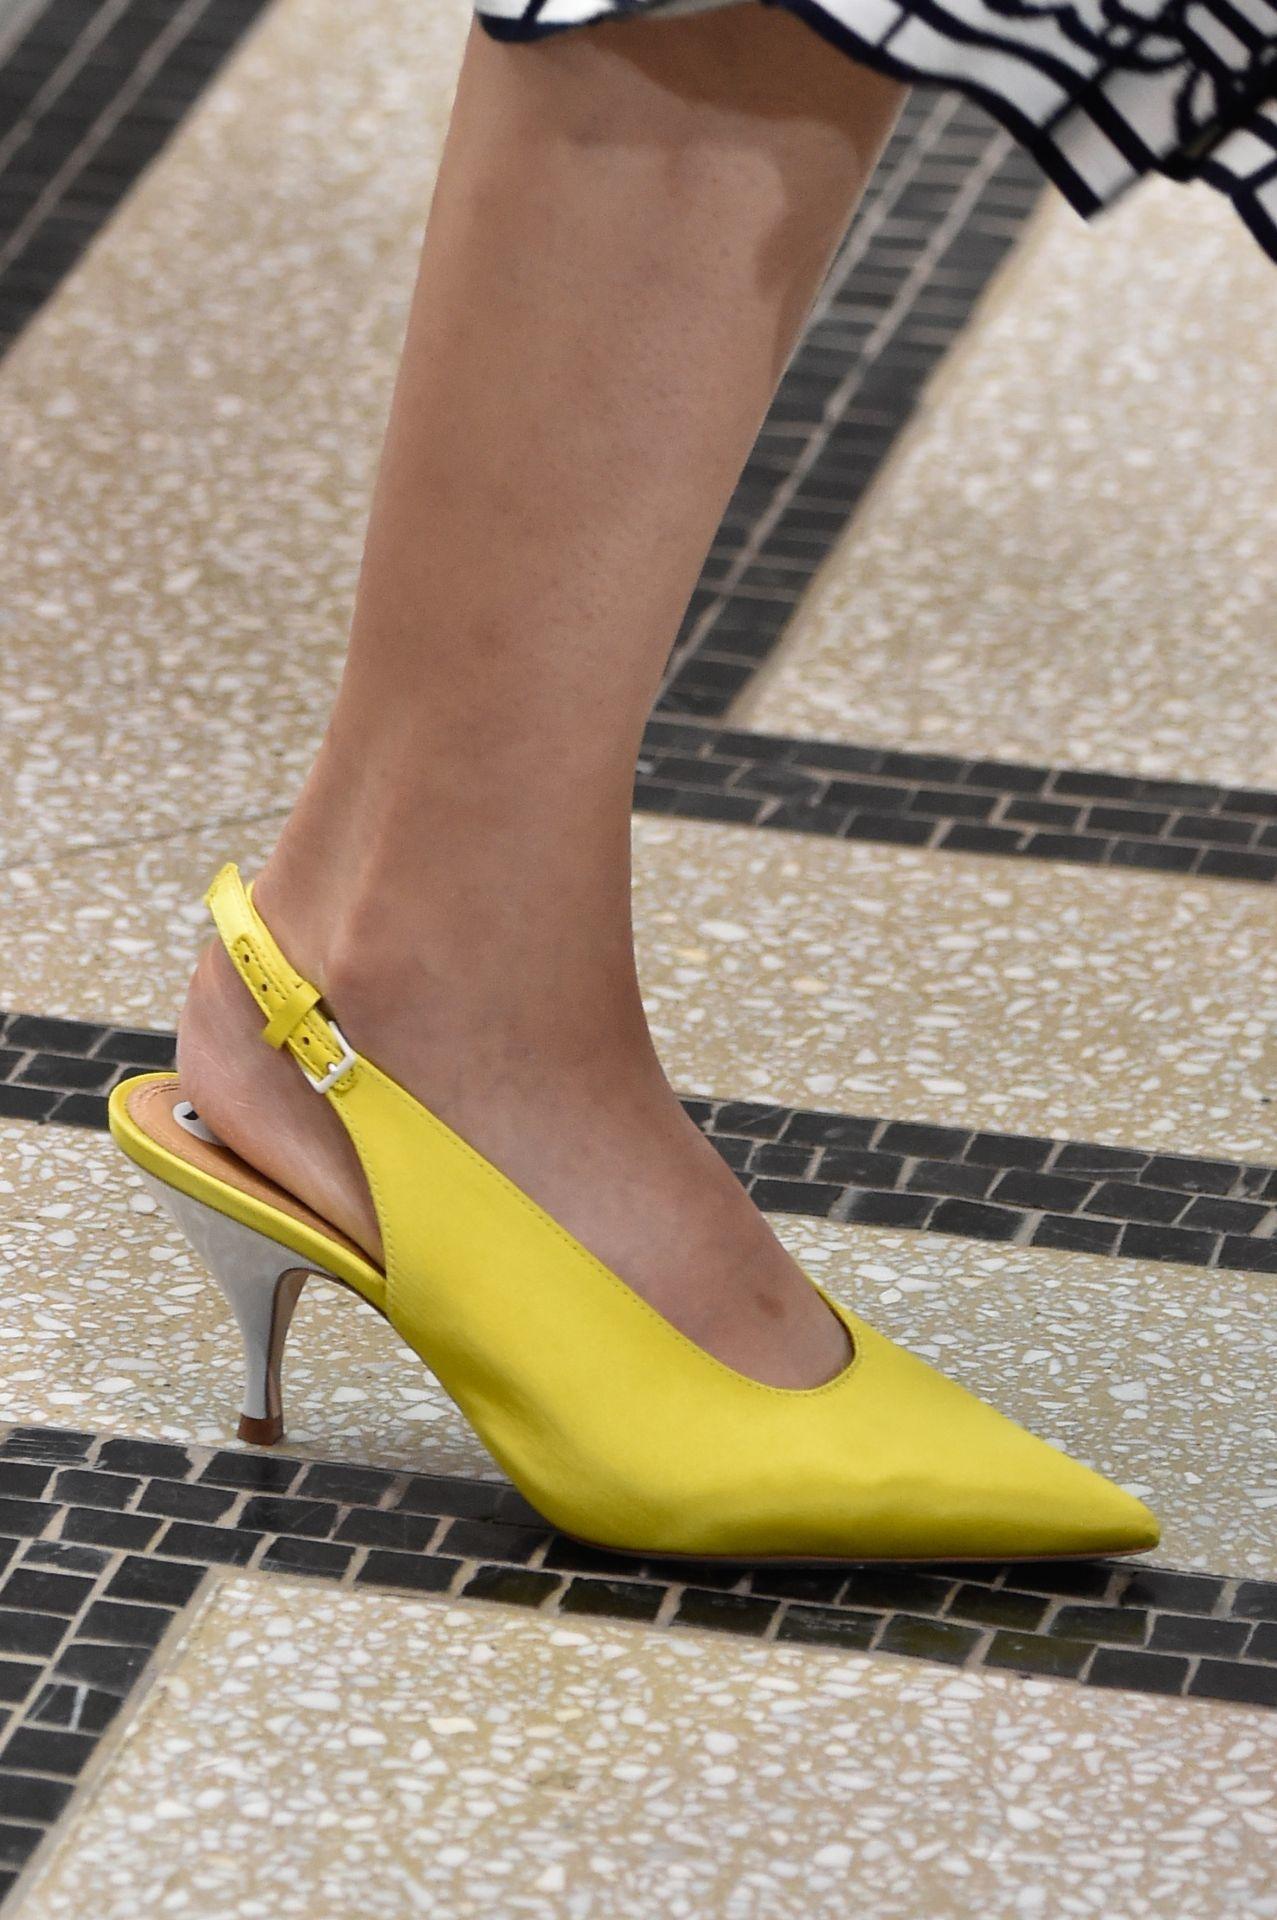 sárga slingback szandál - Tory Burch